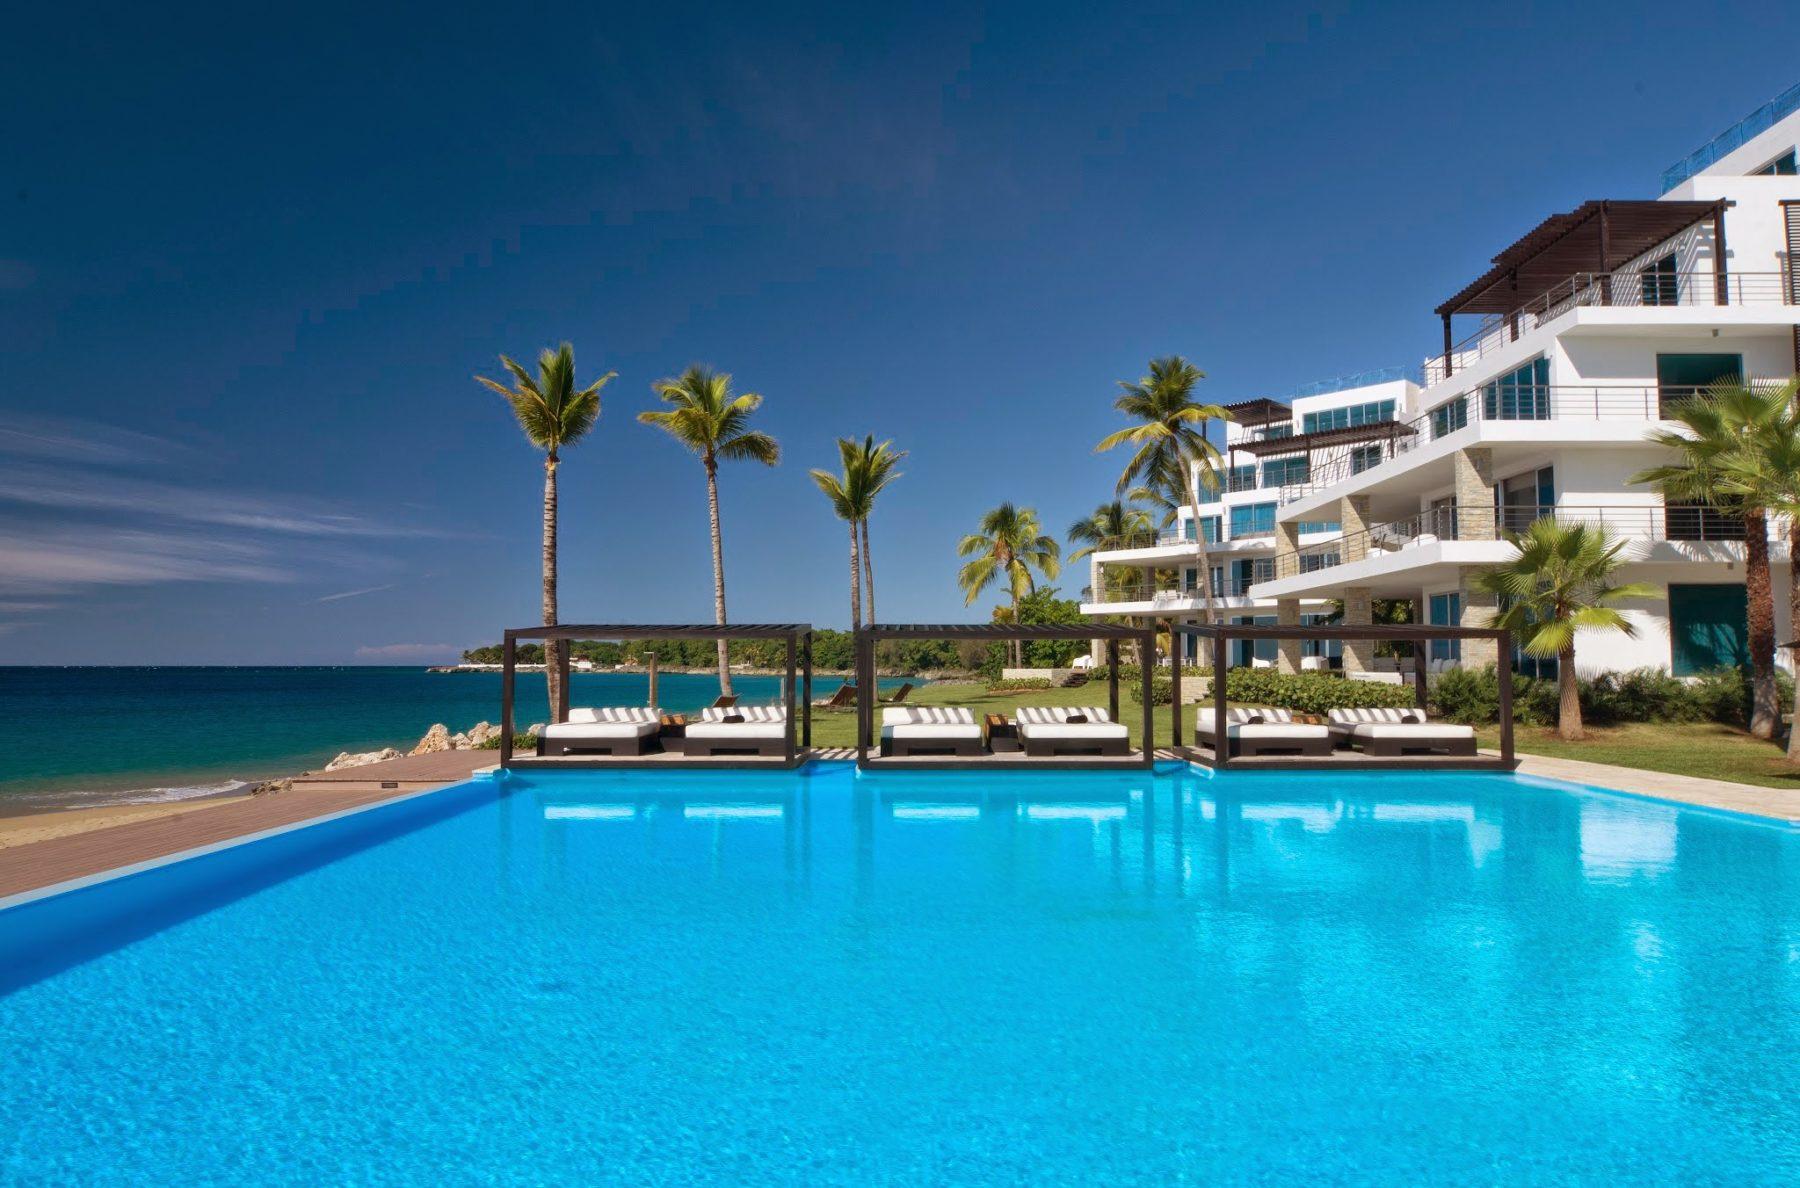 Paraíso terrenal en Gansevoort República Dominicana Playa Imbert